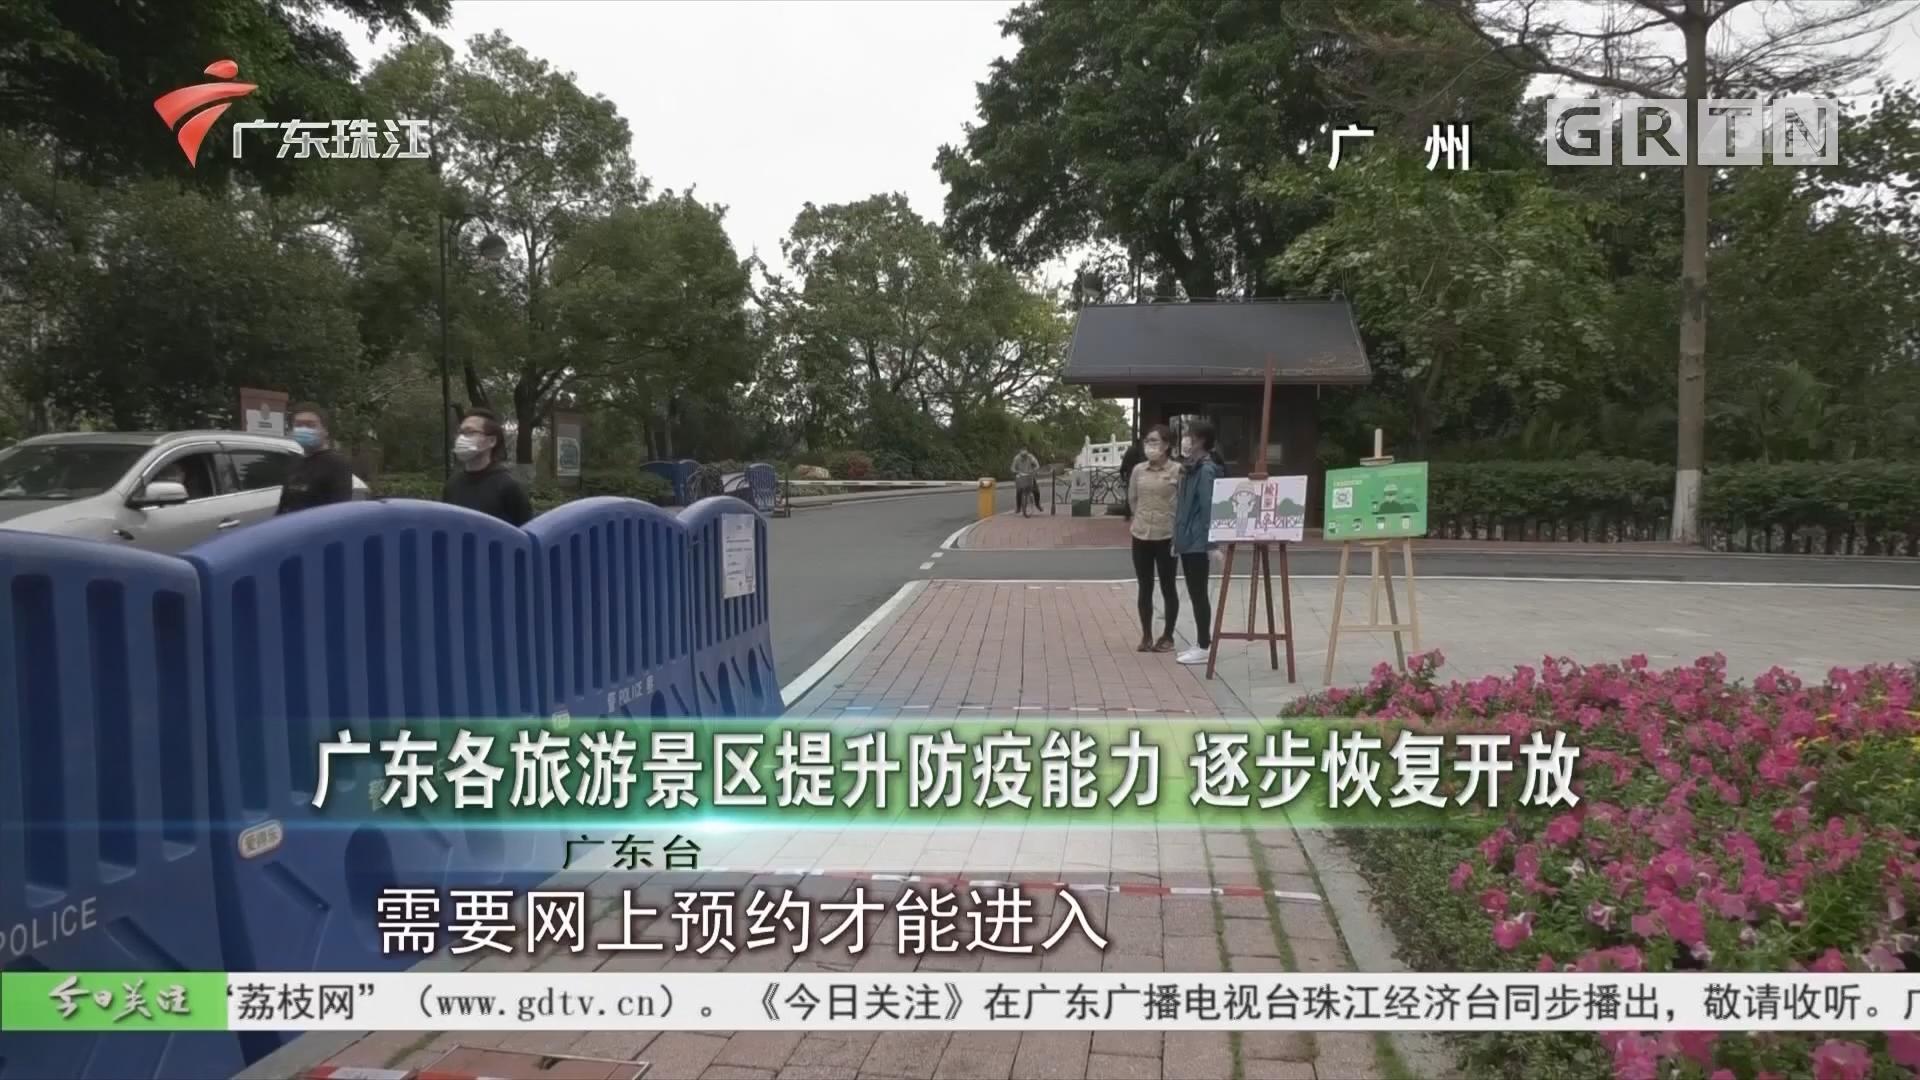 广东各旅游景区提升防疫能力 逐步恢复开放